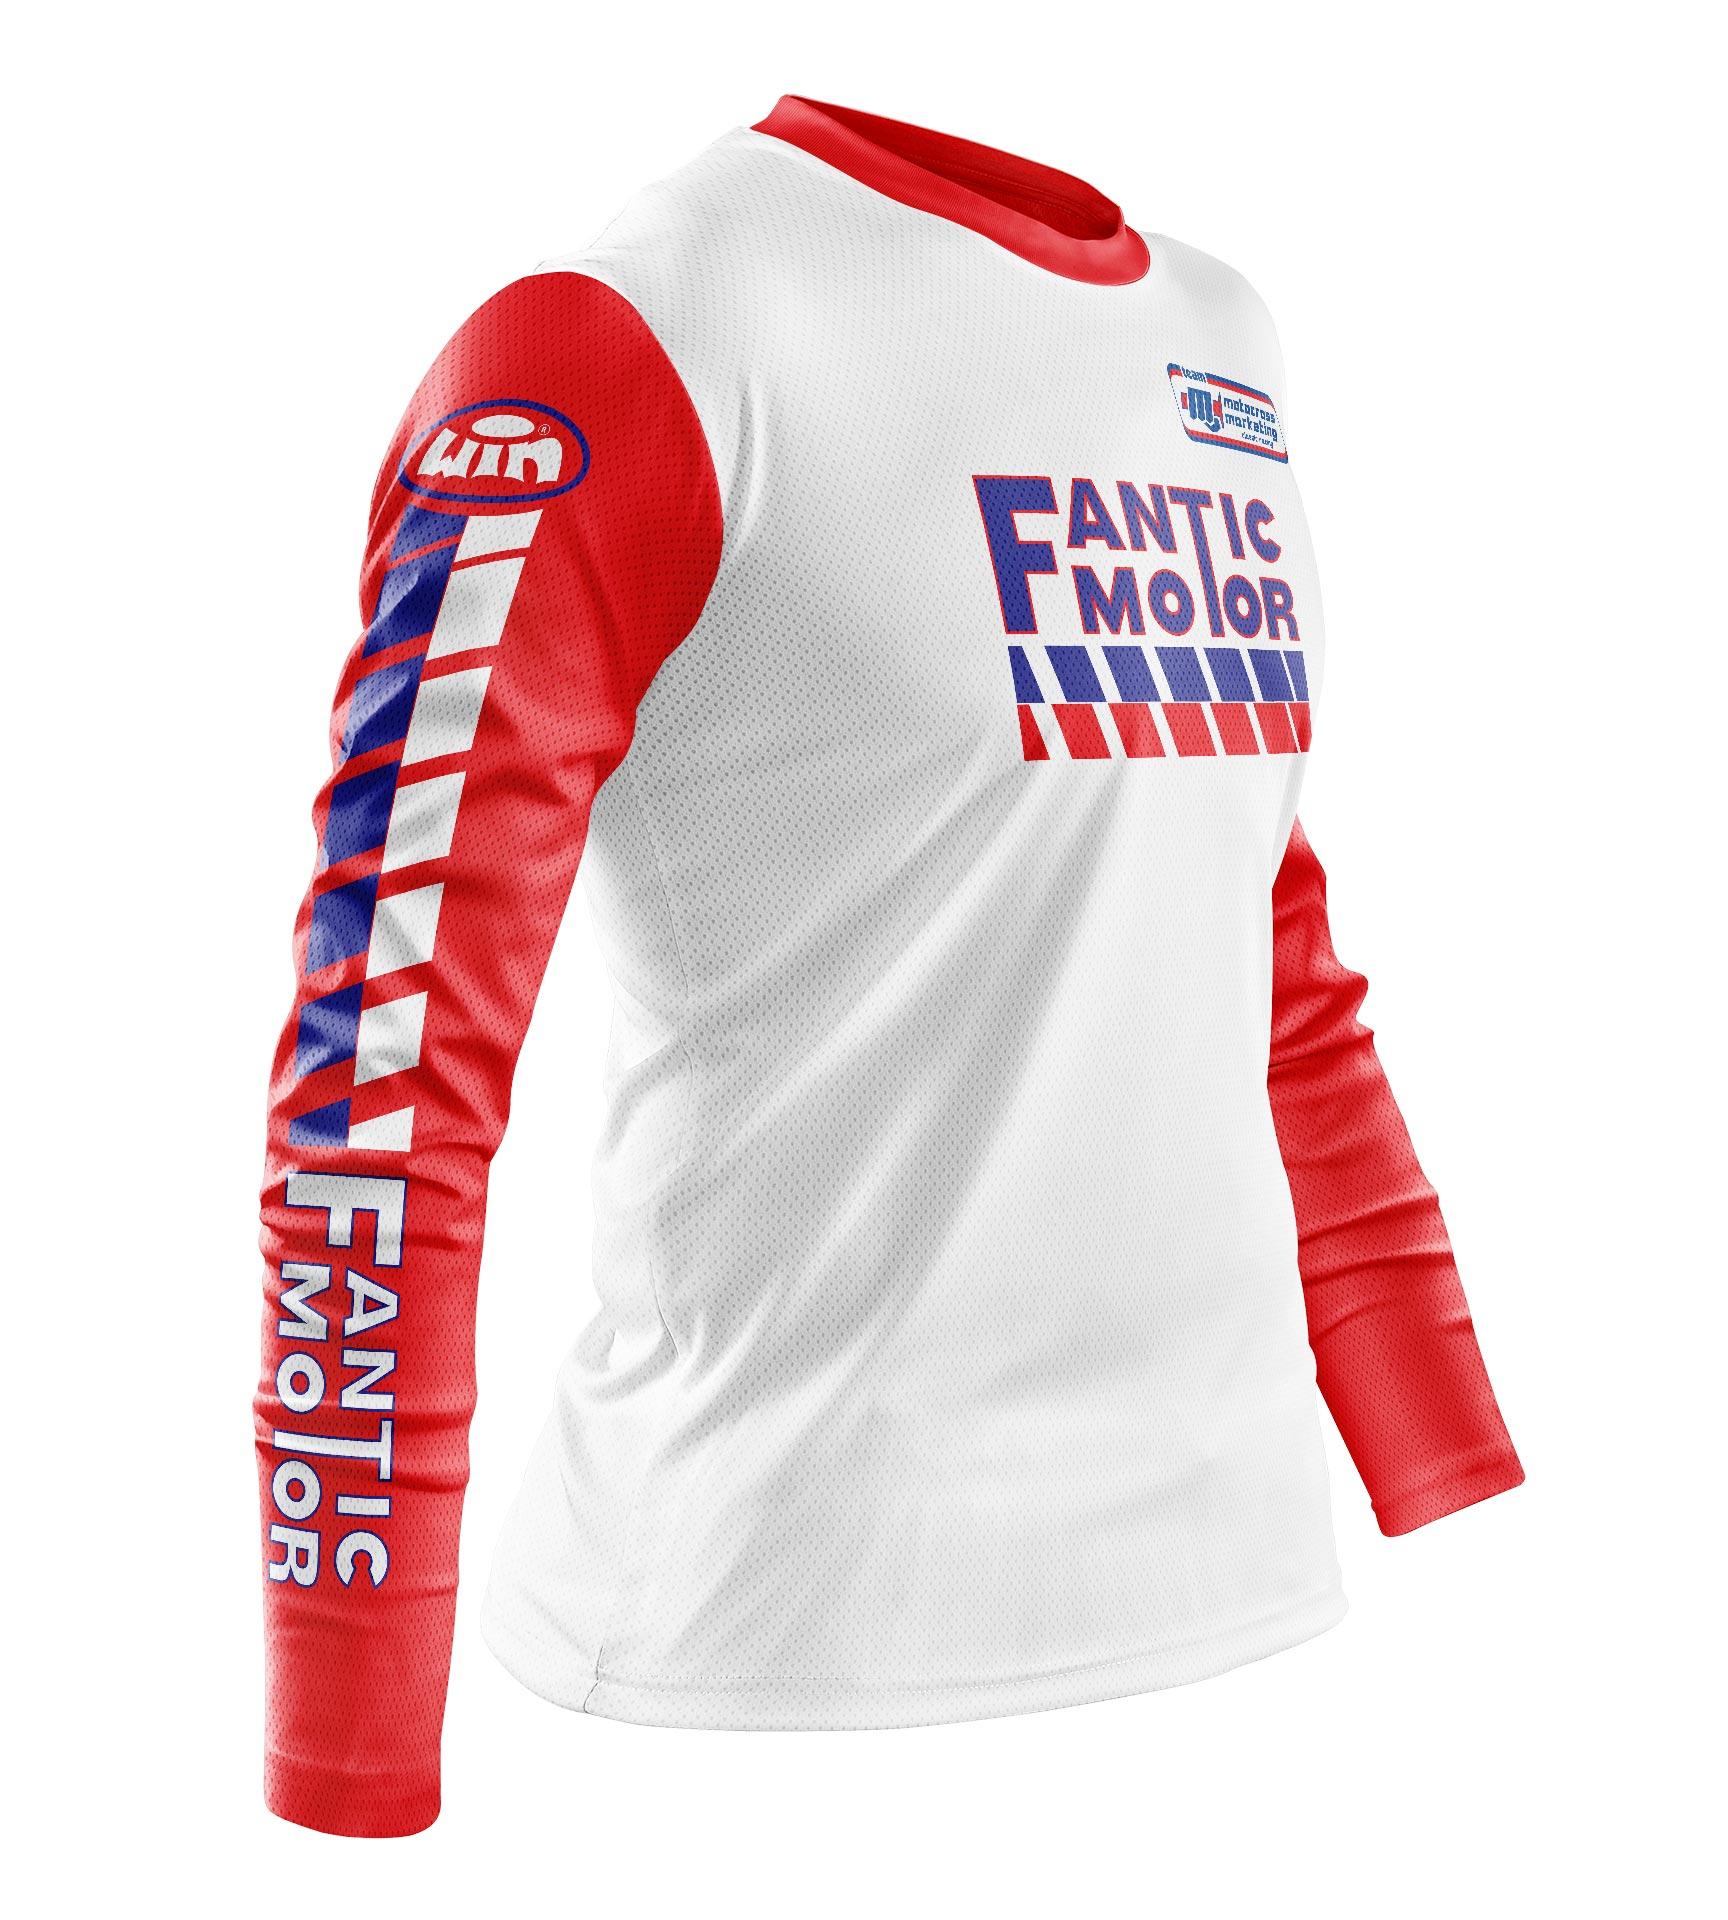 Maillot FANTIC Aéré Blanc Manches Rouge Profil